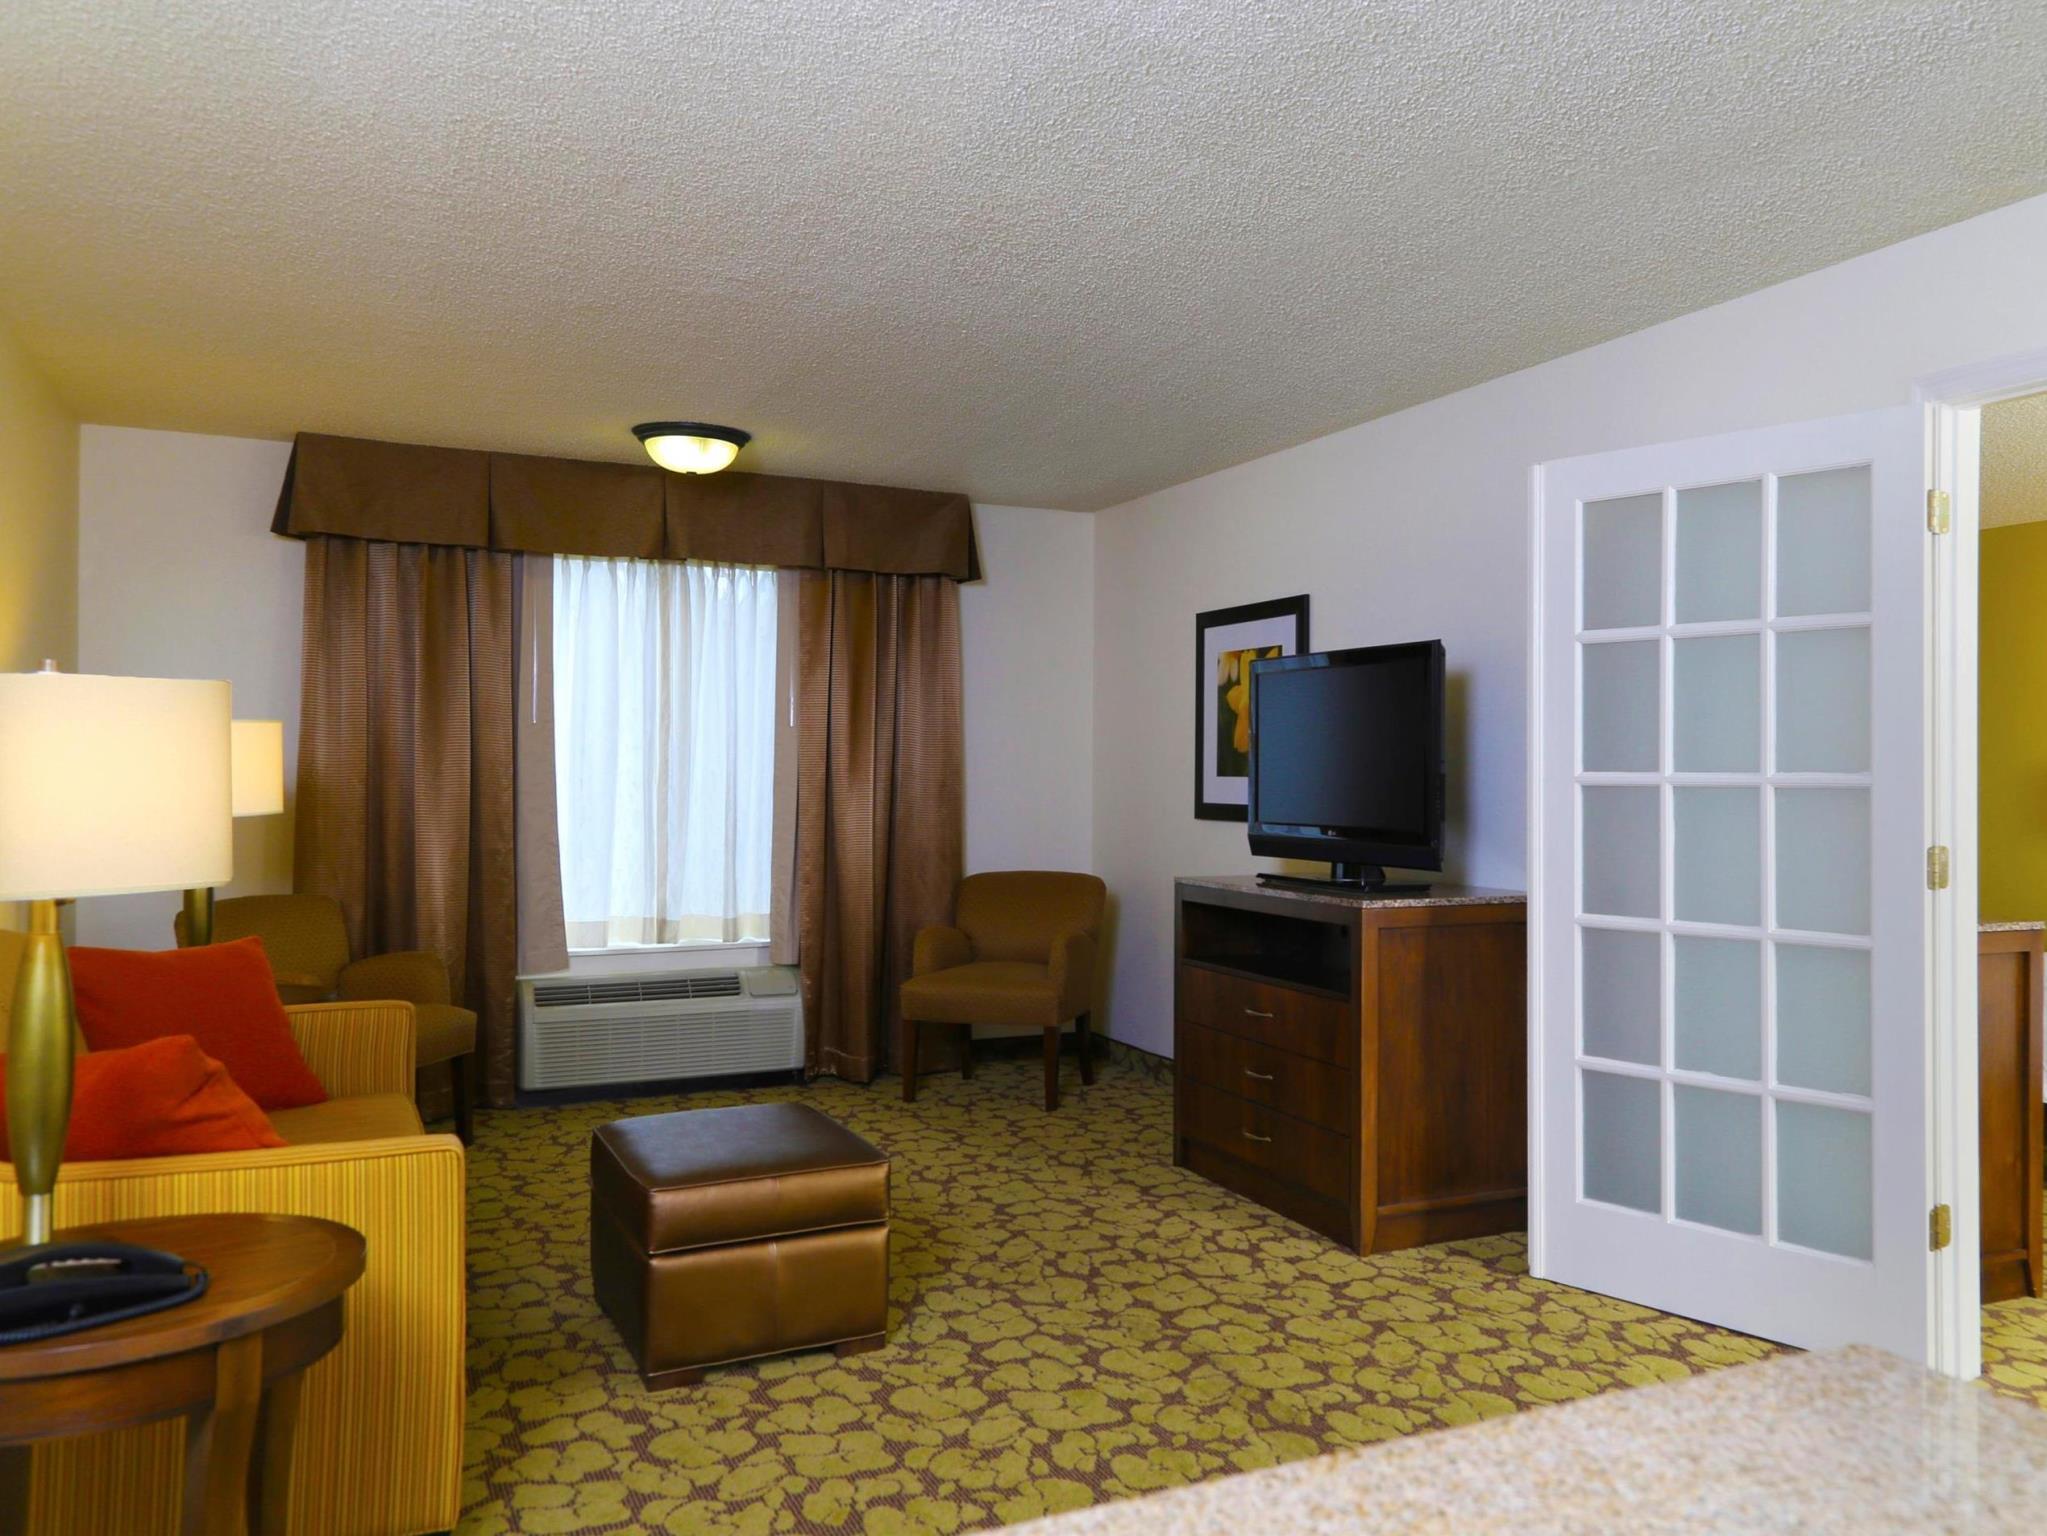 Hilton Garden Inn Tampa East Brandon - [aragundem.com]